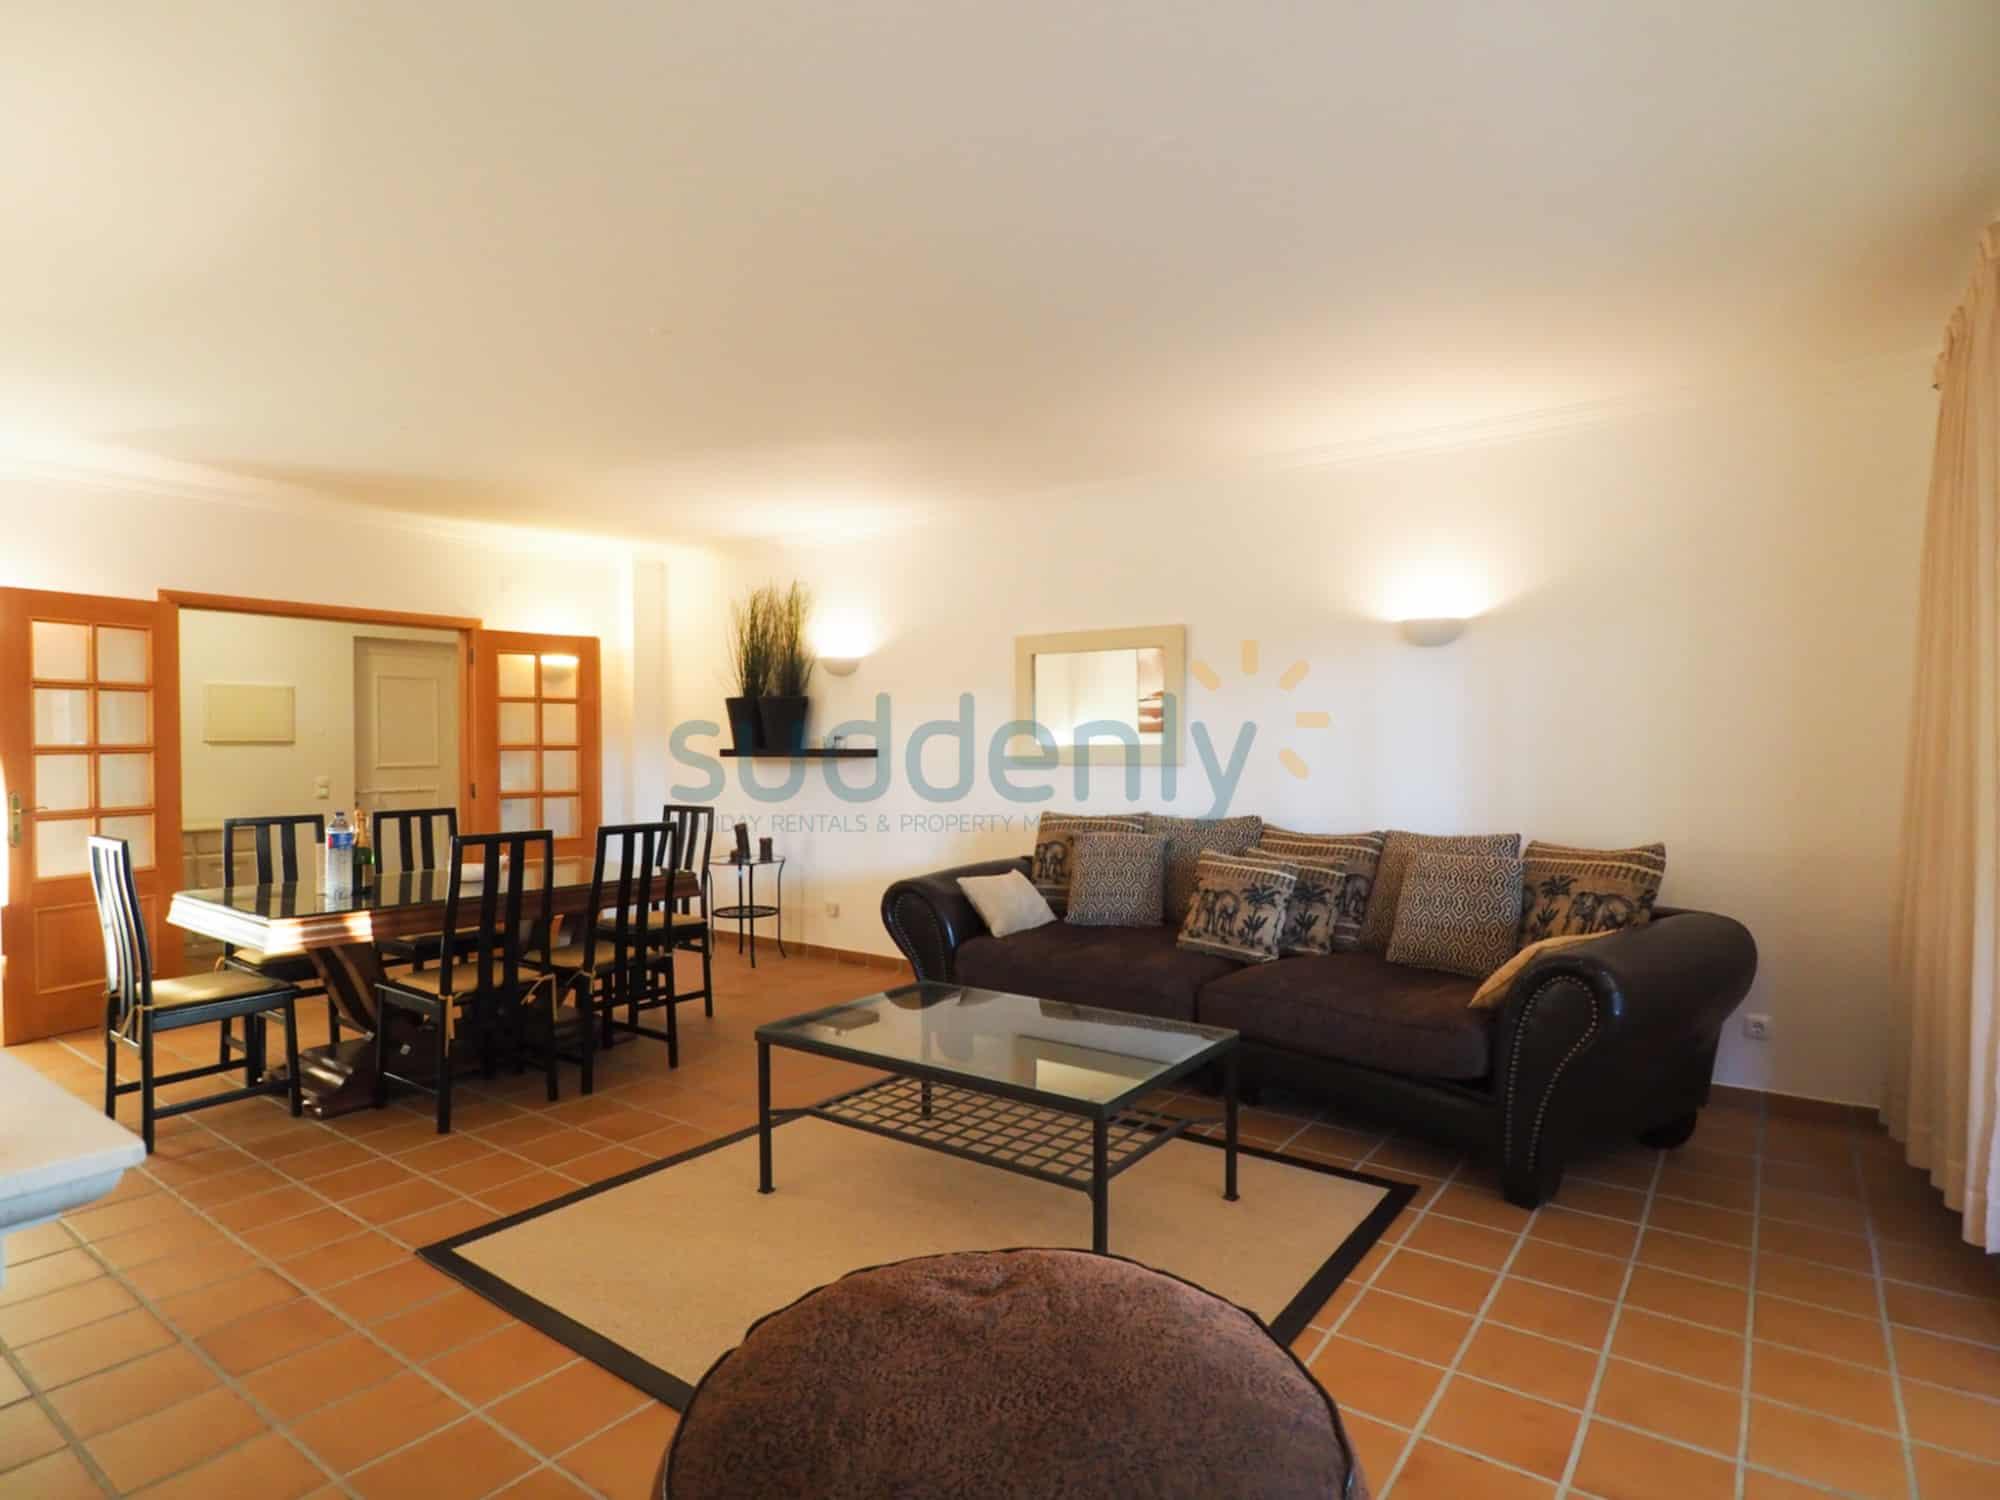 Accommodation 370